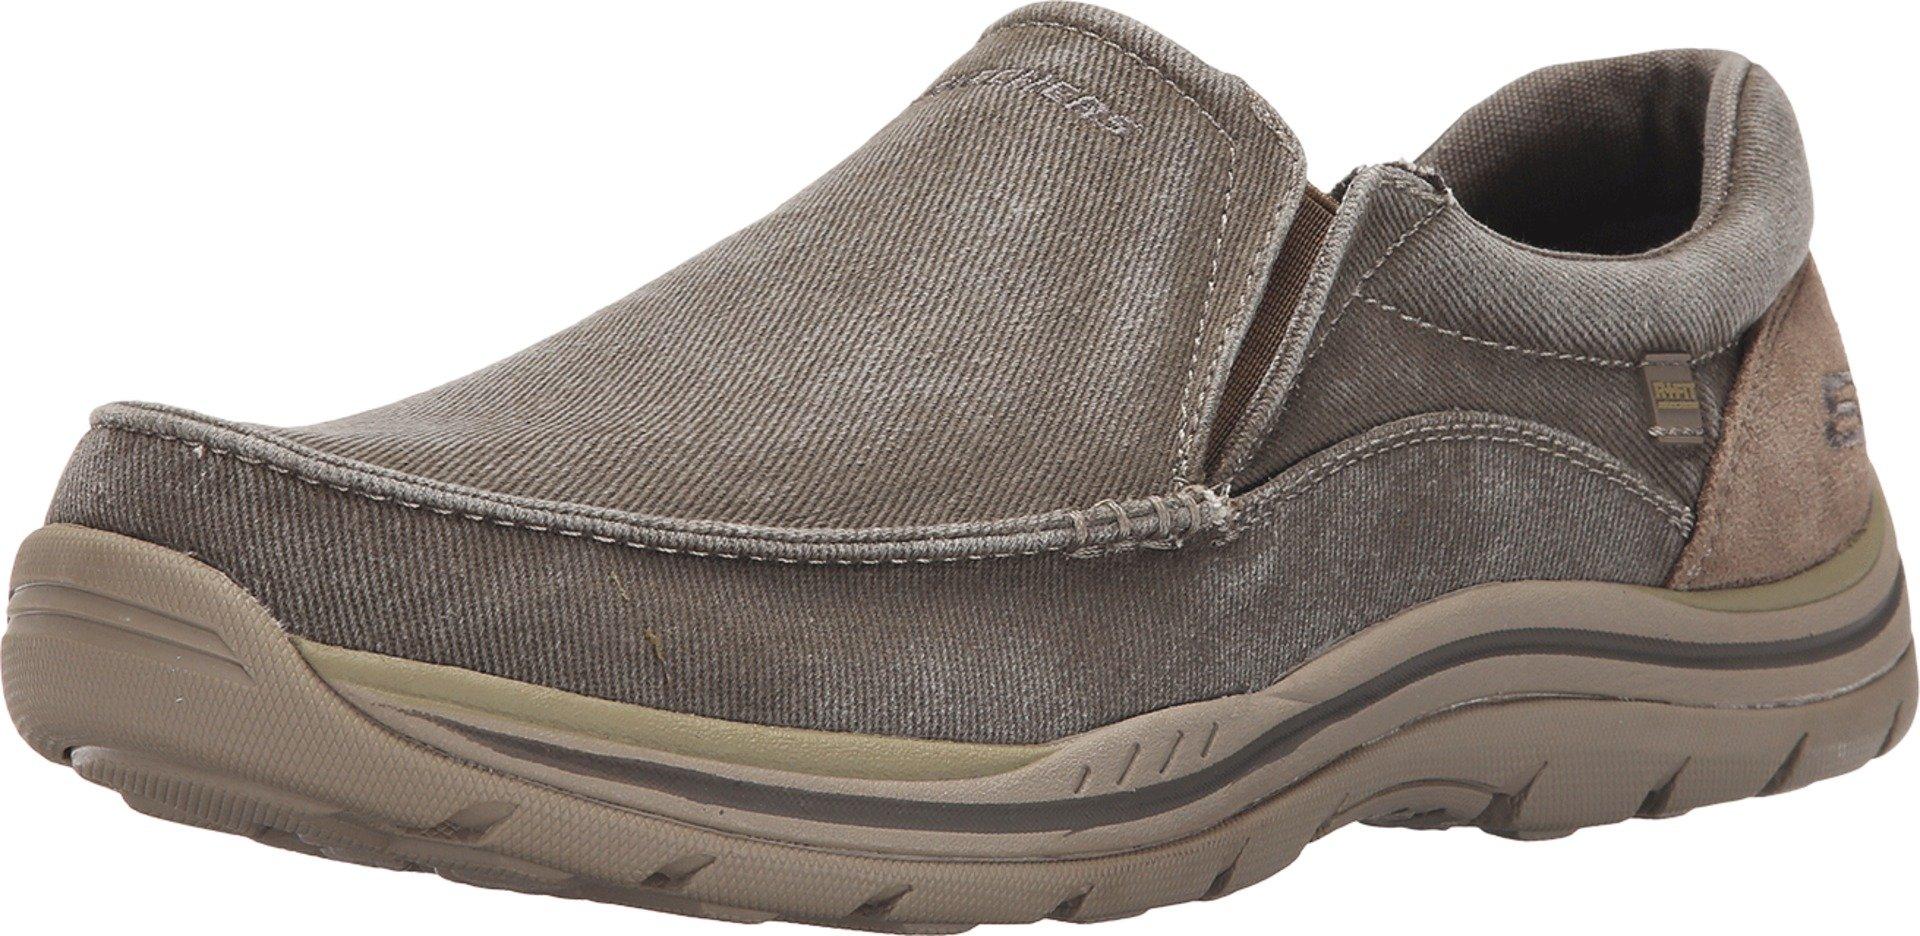 Skechers Men's Expected Avillo Relaxed-Fit Slip-On Loafer,Khaki,11 D US